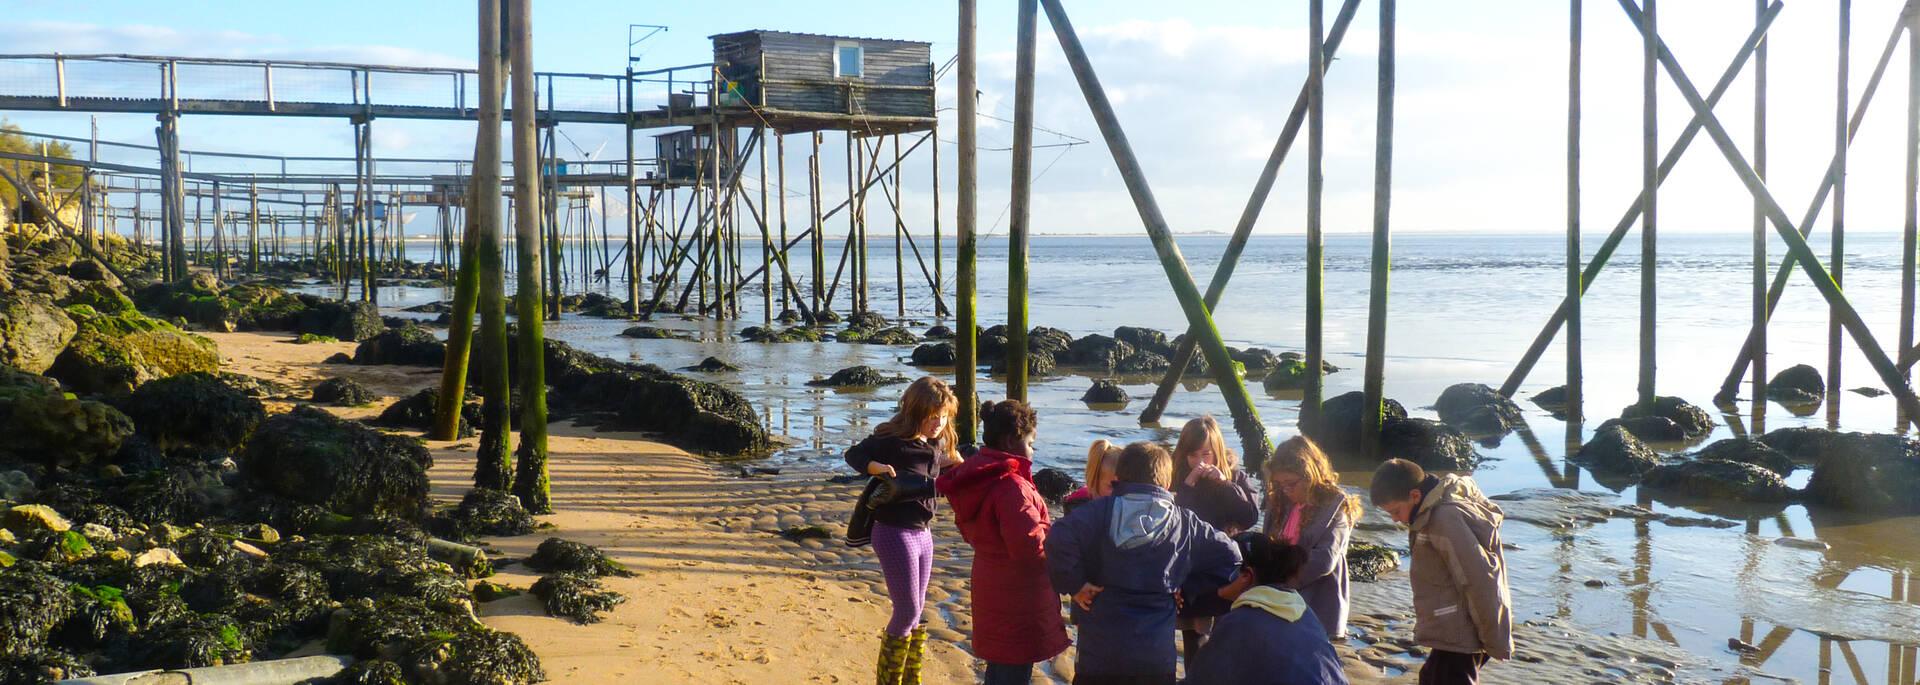 Un cadre idéal pour organiser les activités enfants avec l'Ecomusée de Port-des-Barques